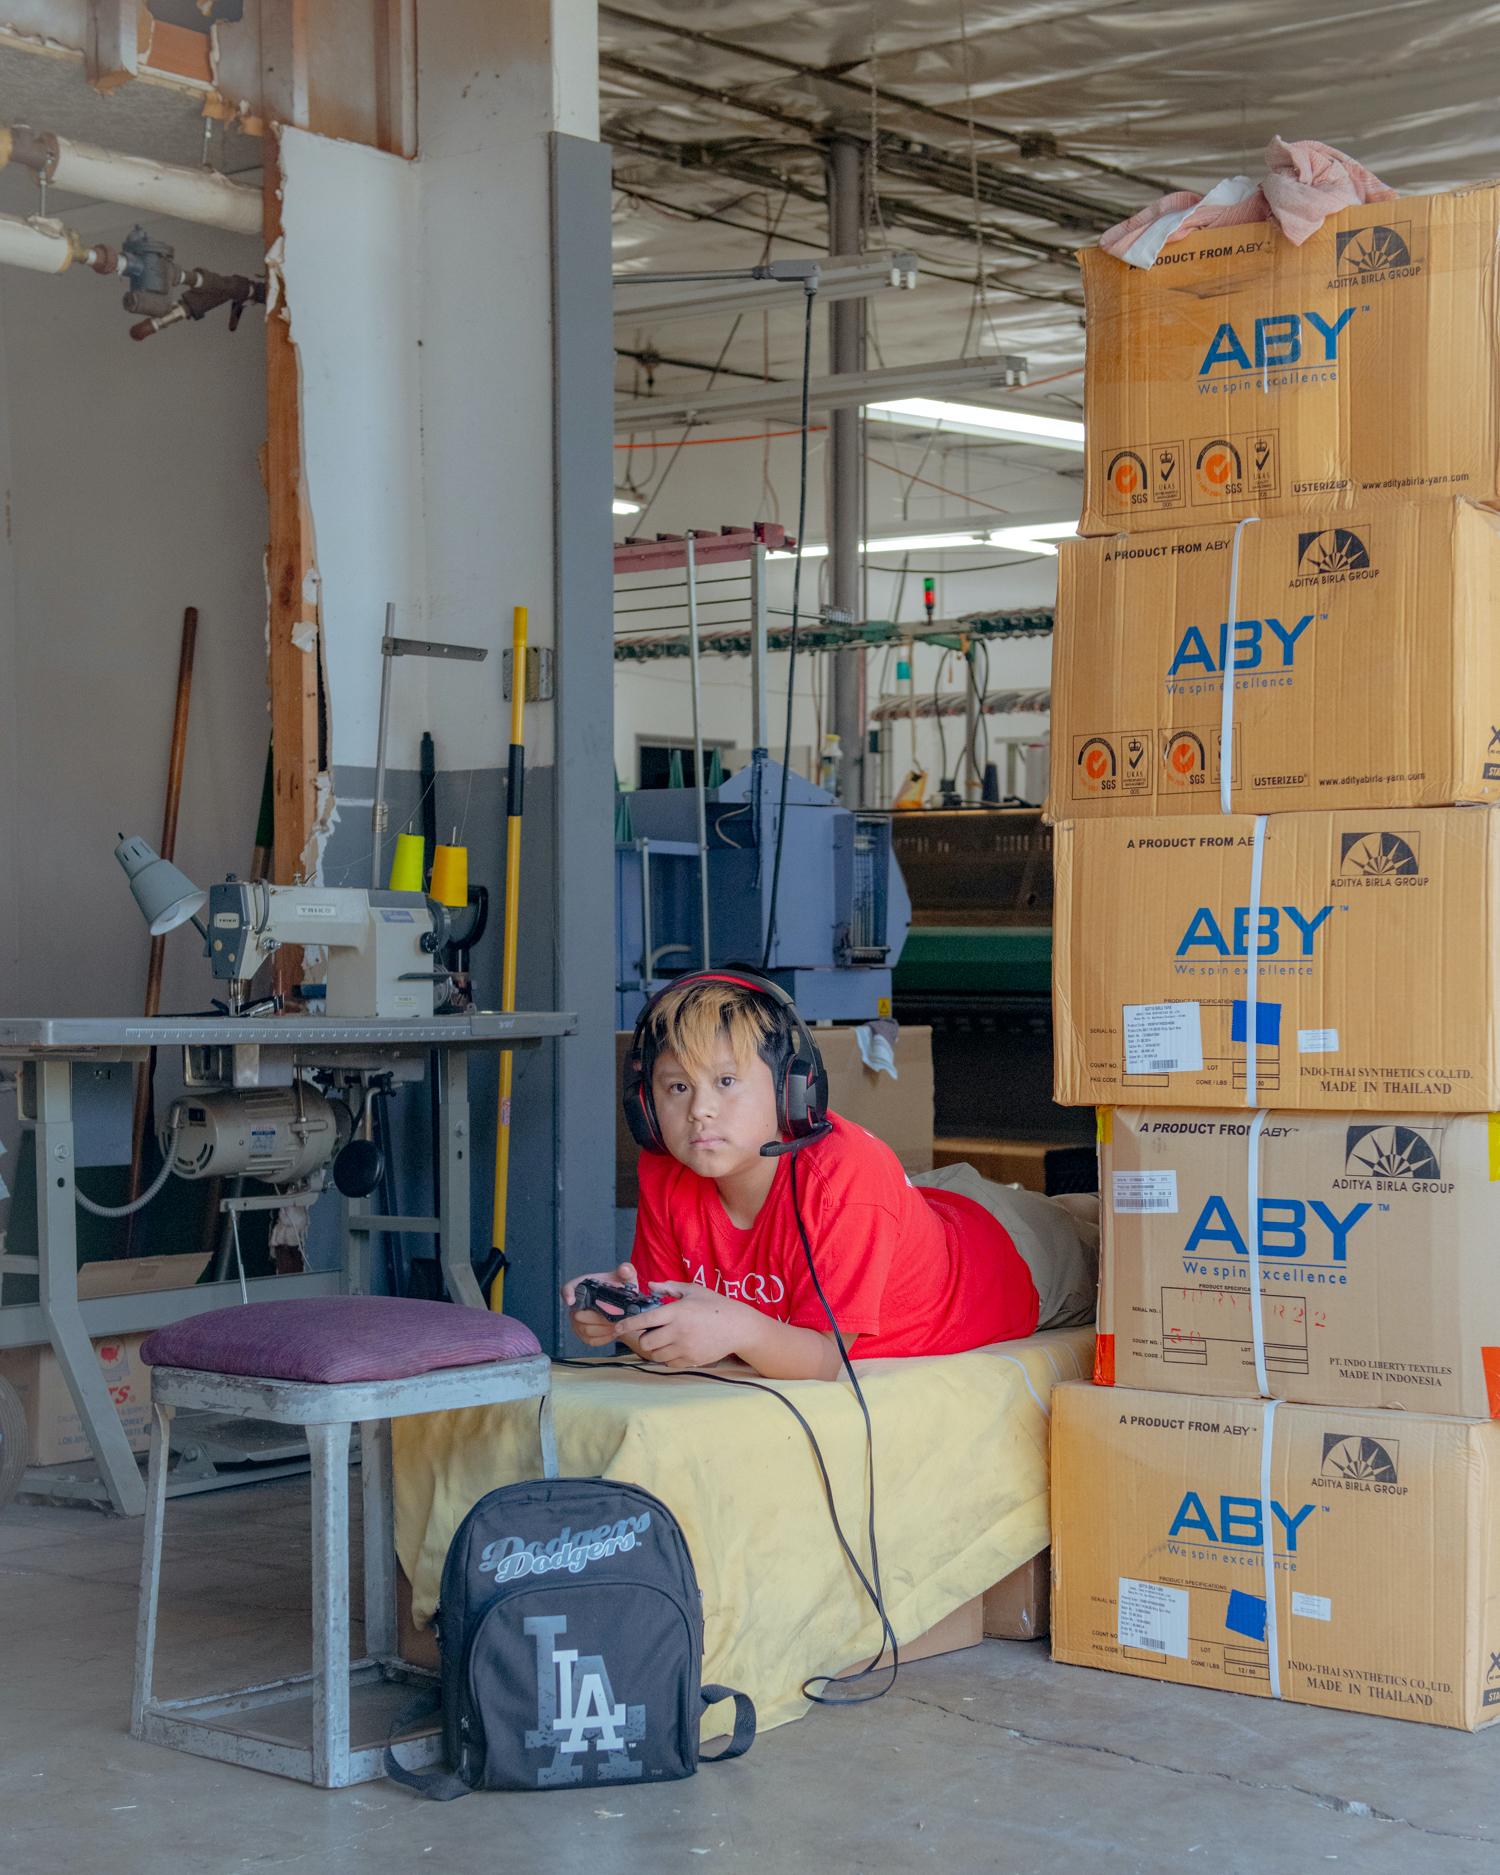 lady white co textile factory photo tour